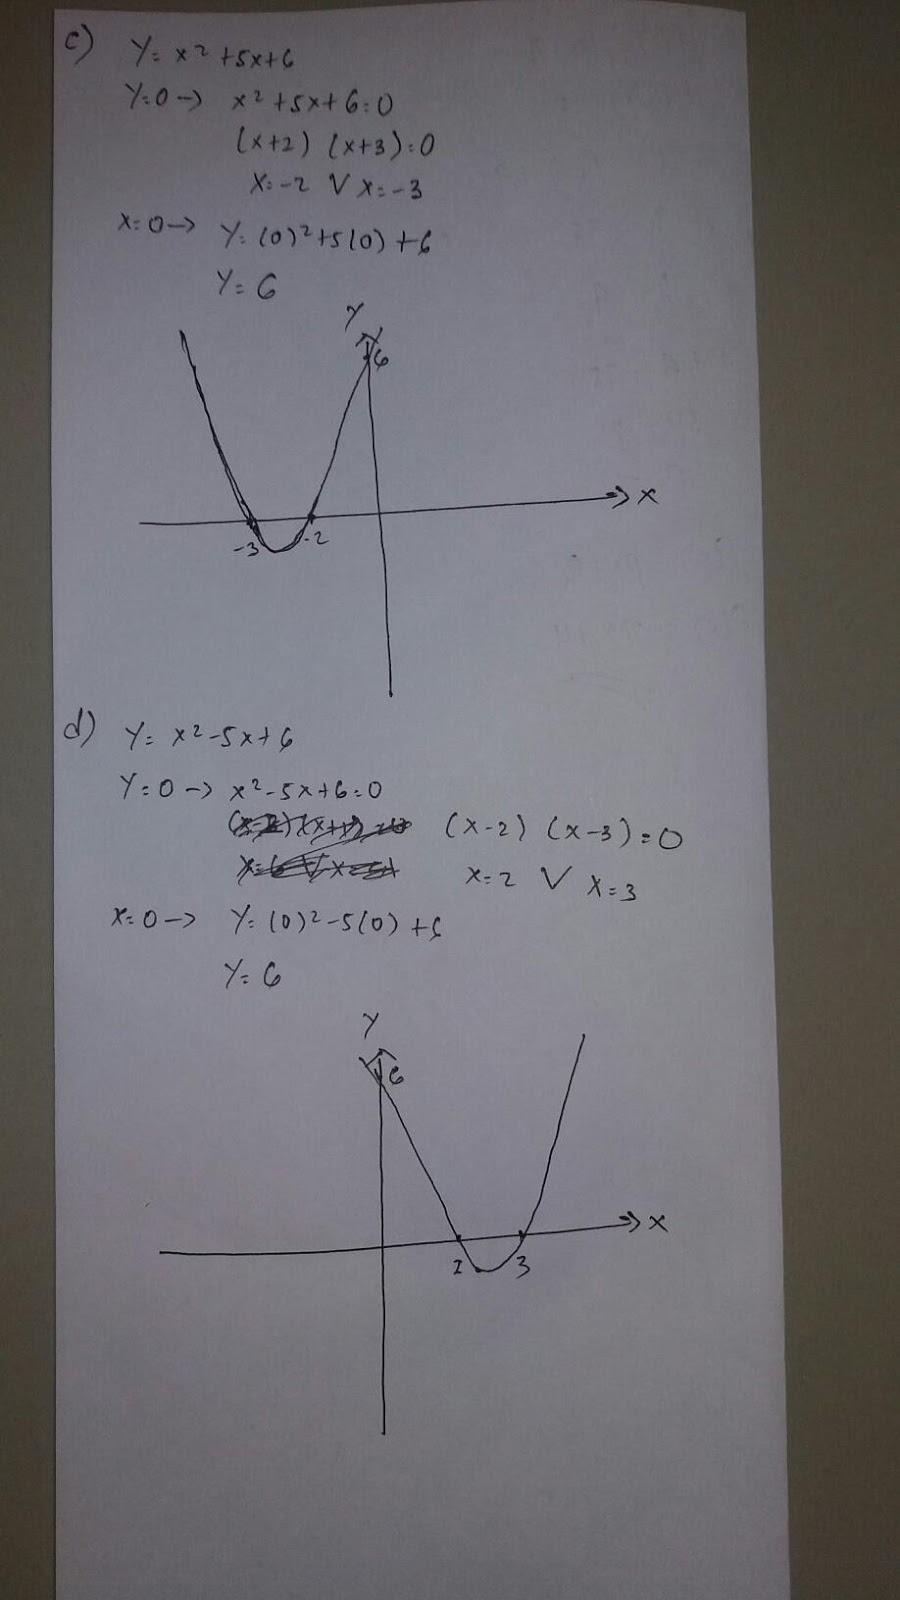 Jawaban Buku Siswa Matematika Kelas 9 Latihan 2 2 Hal 92 Pentium Sintesi